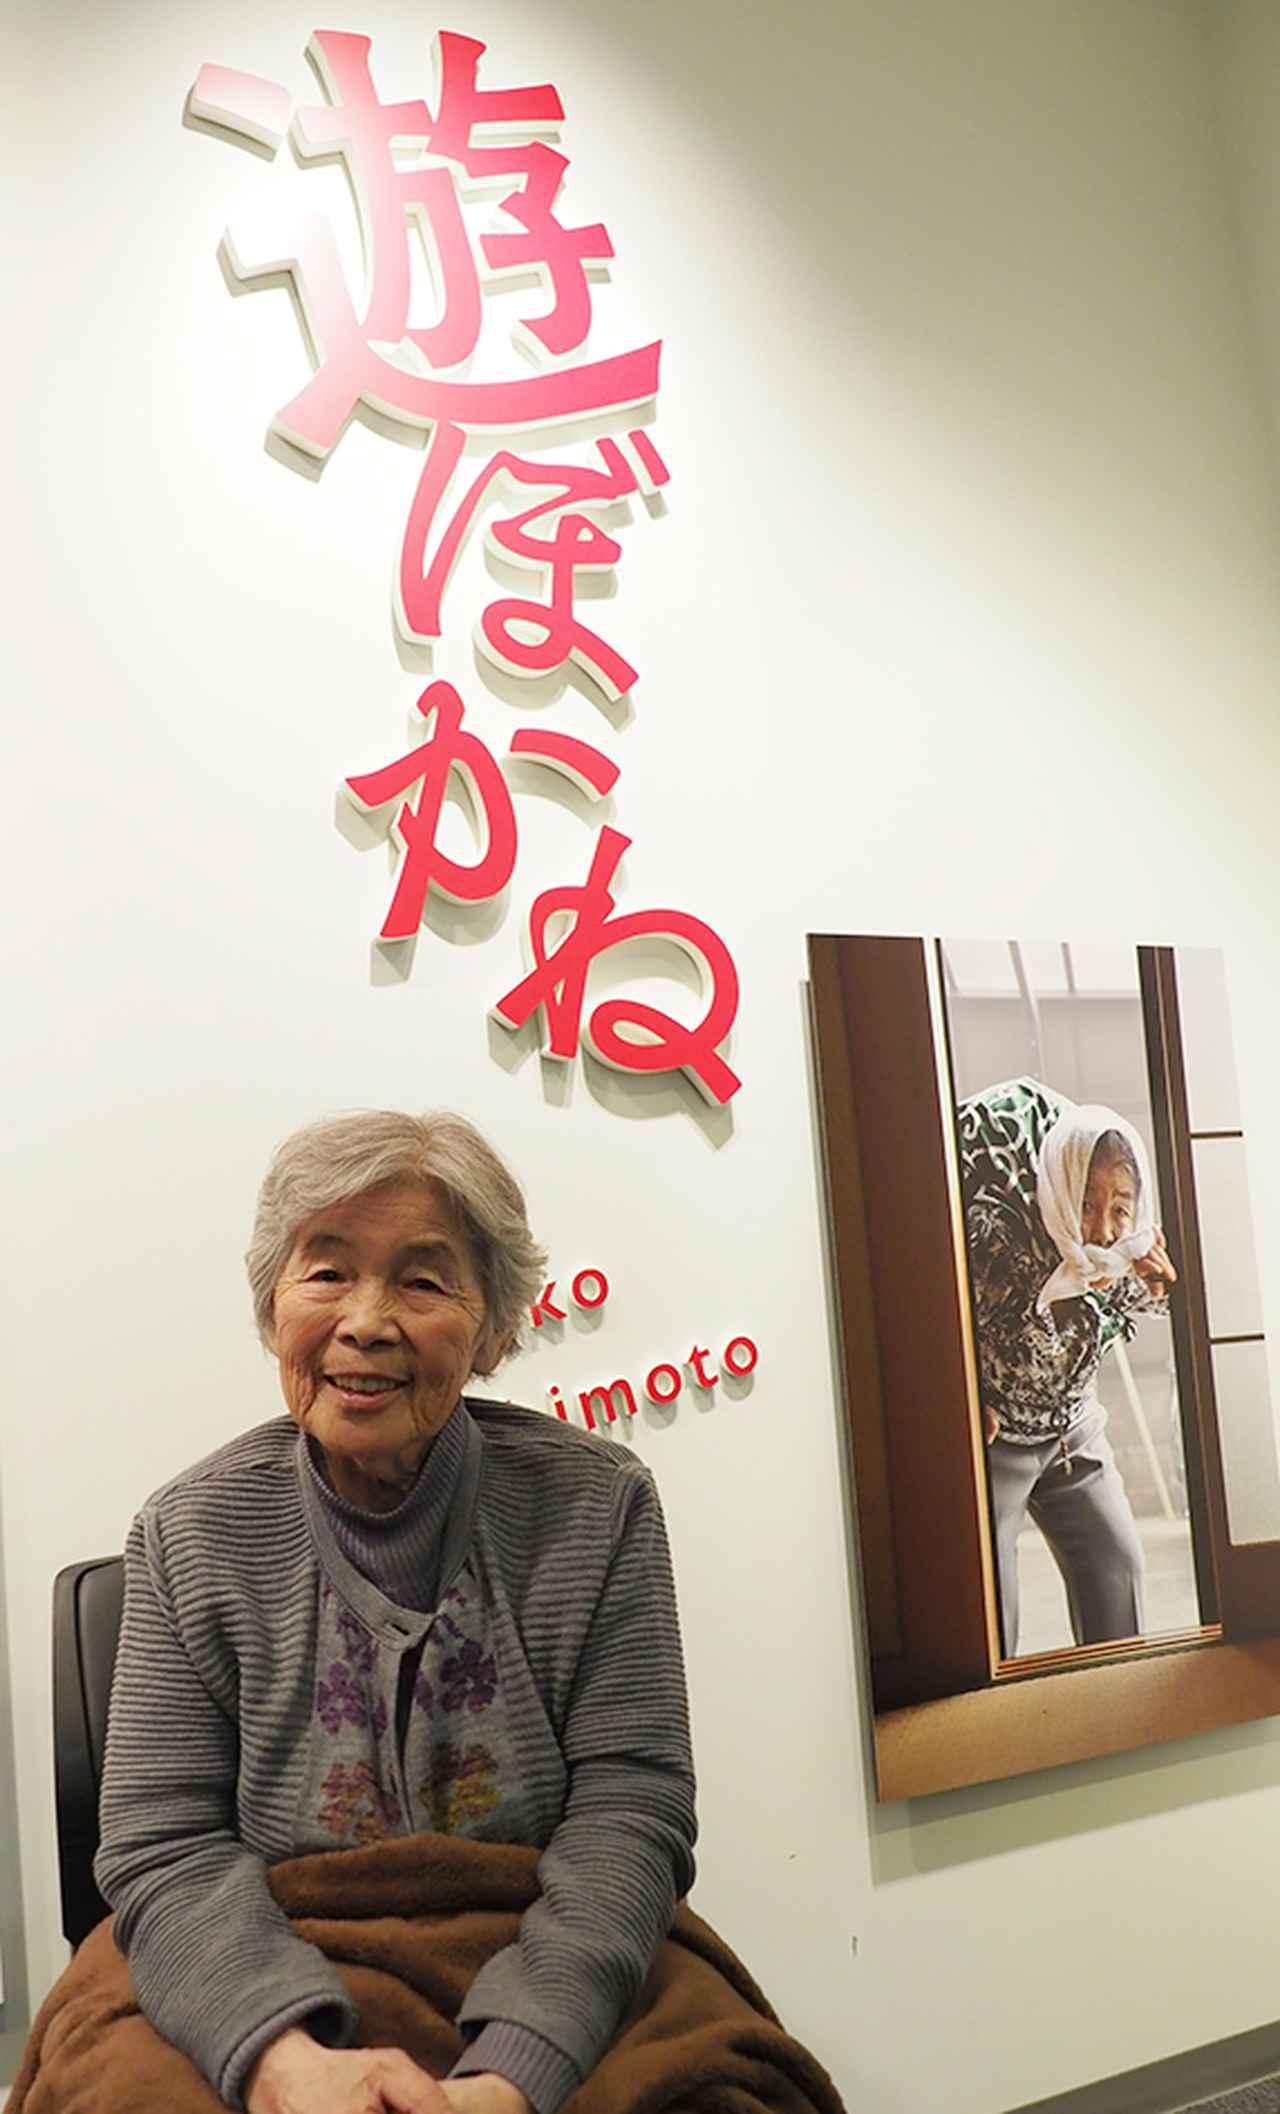 画像: くったくのない笑顔と自撮り写真を駆使したユーモアセンスで世界から注目されている西本喜美子さん、89歳。